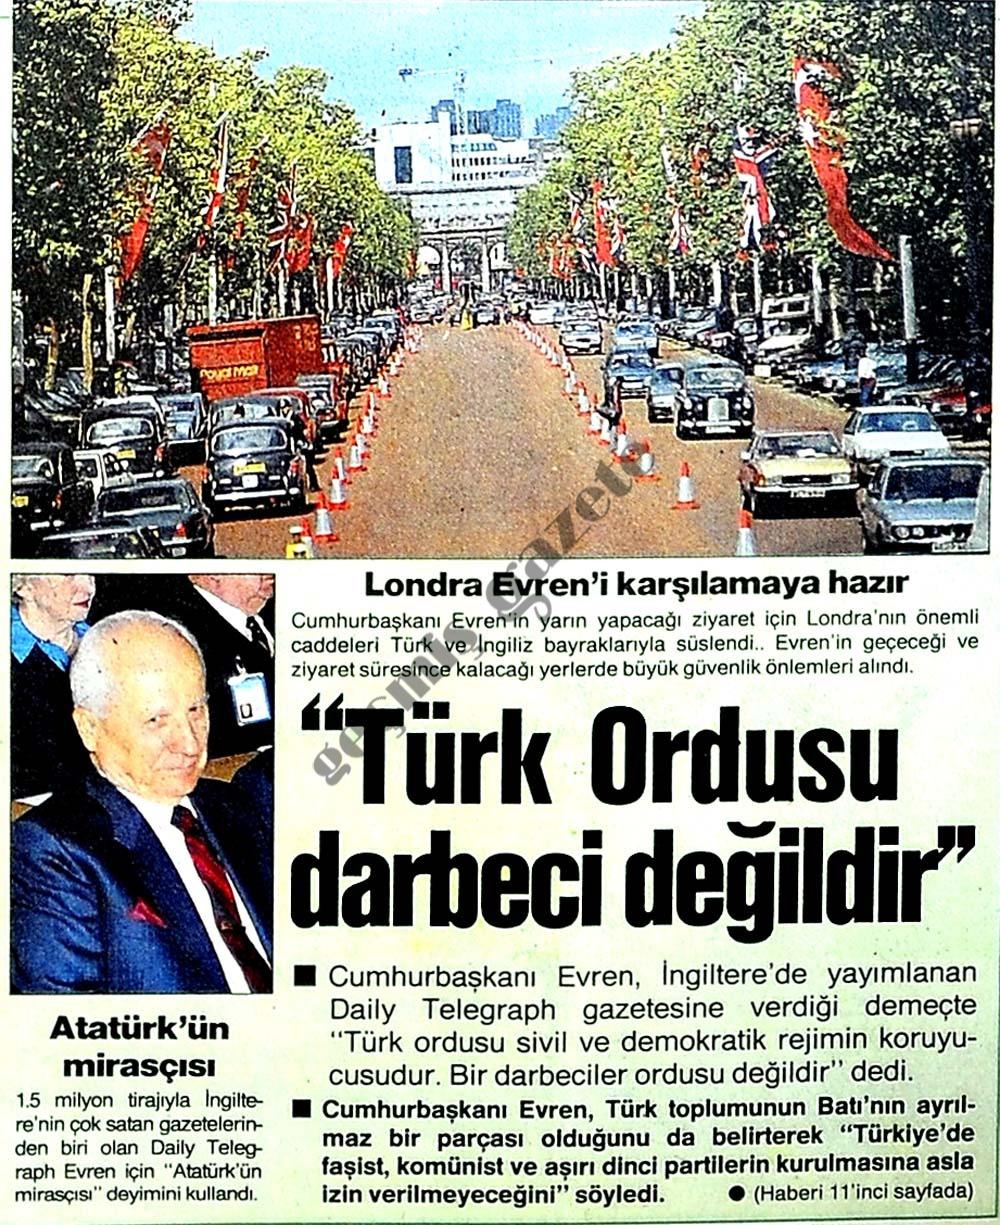 Türk Ordusu darbeci değildir